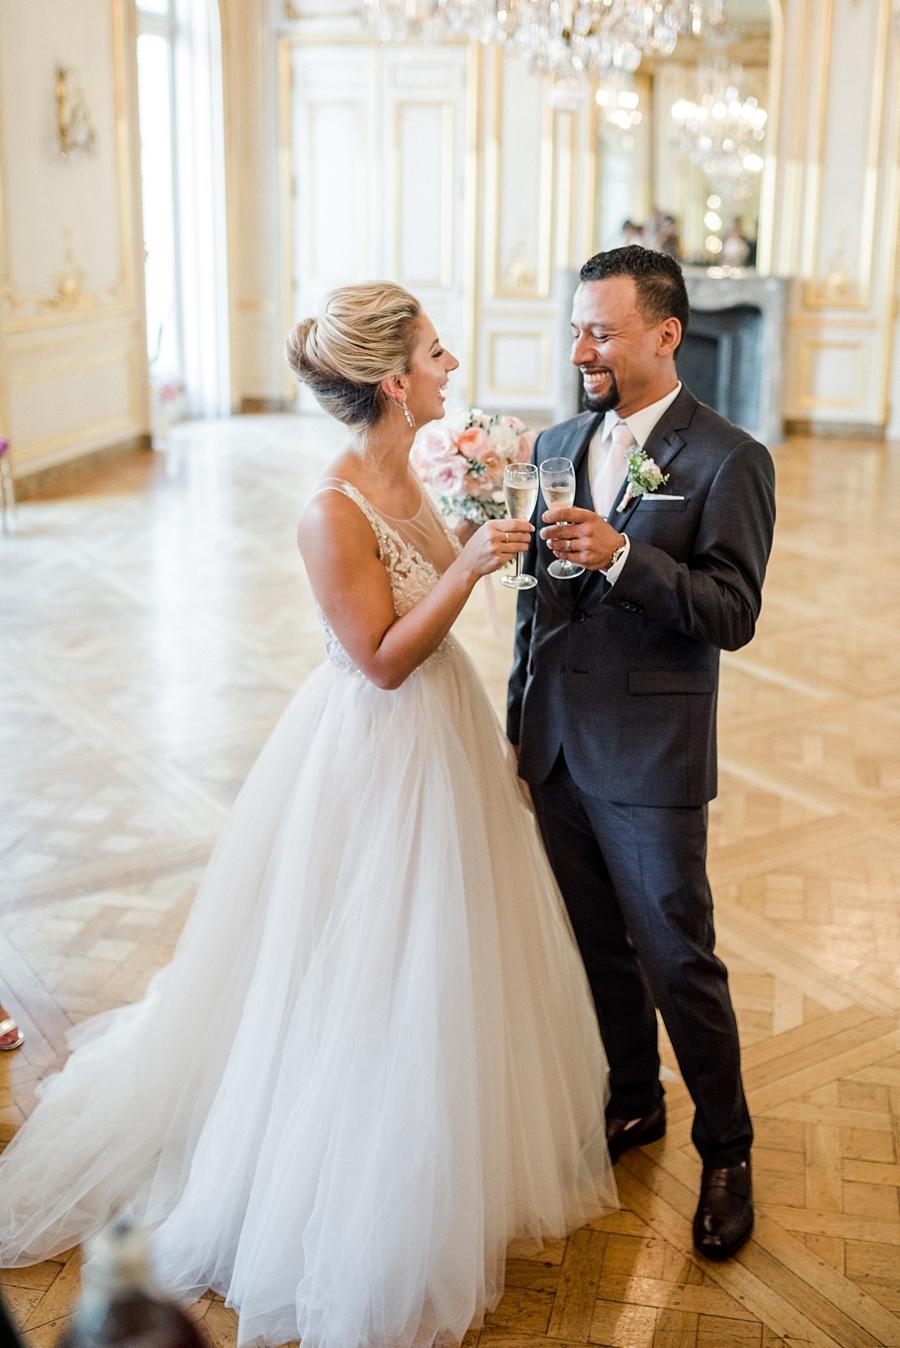 kristine and gawah elope in paris